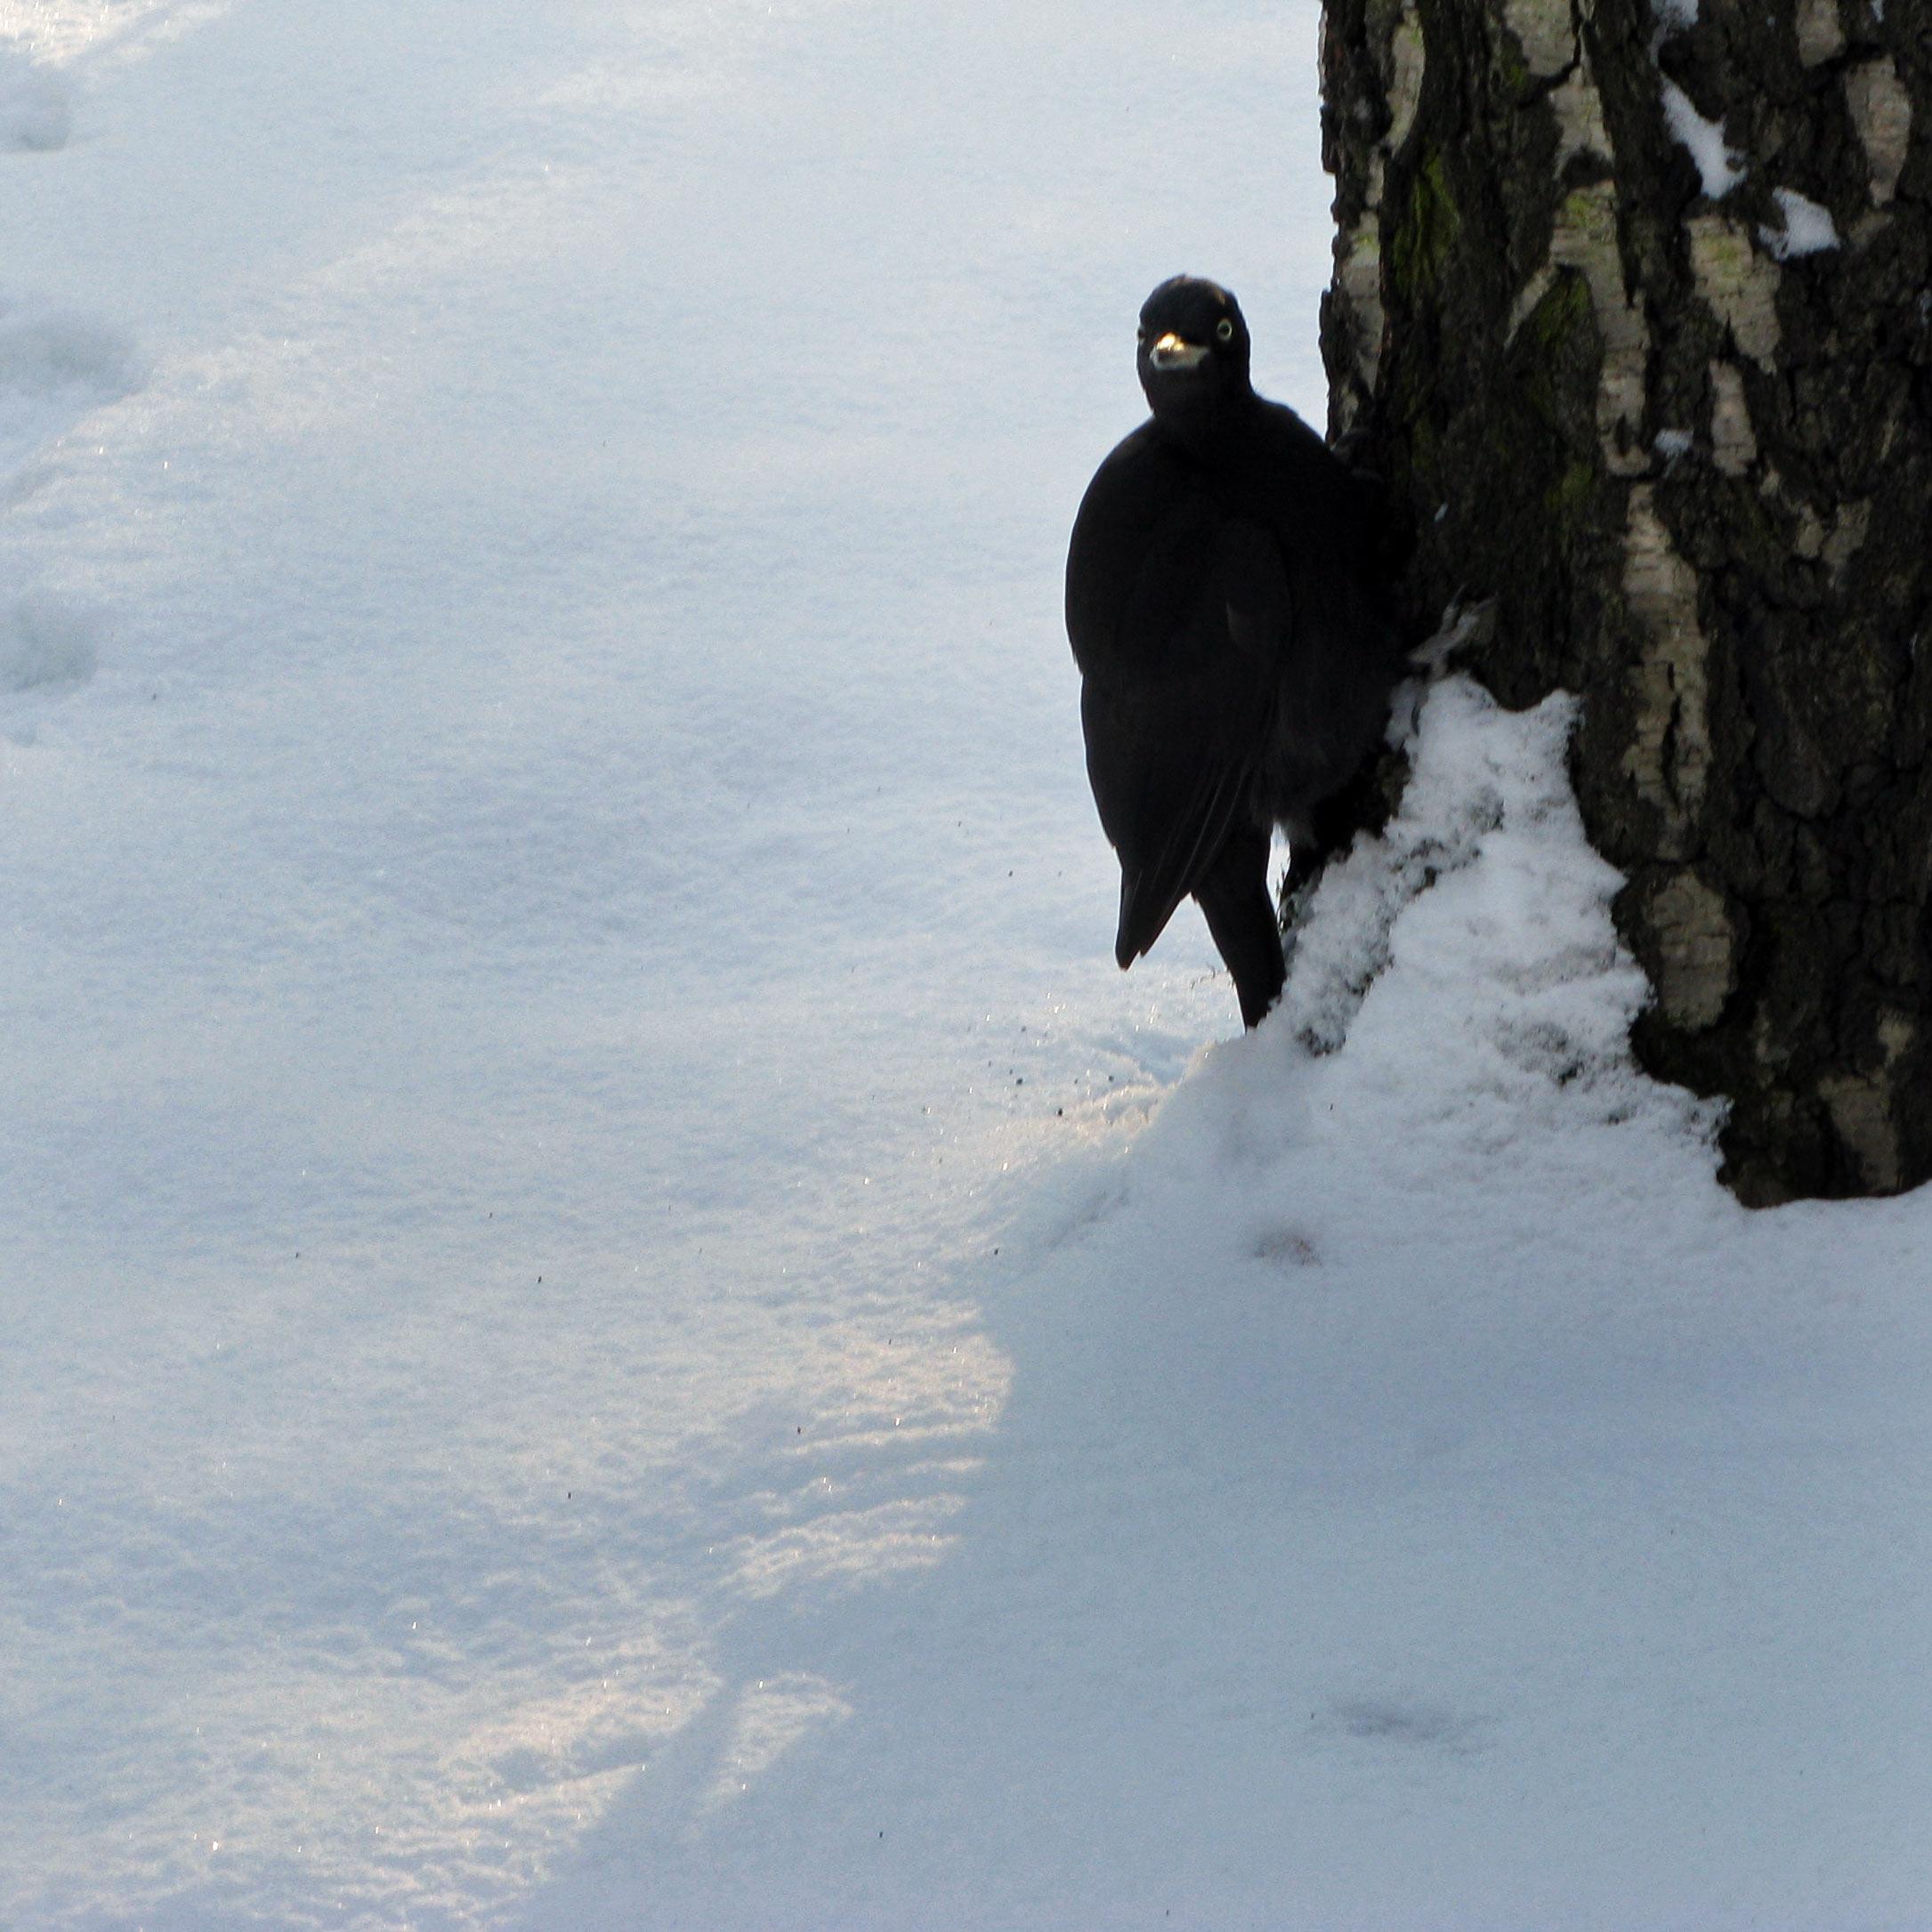 Эта самка позировала мне в Сокольниках. Я целый час не могла от нее оторваться, кажется, даже ноги поморозила. Автор фото: Кудрявцева Татьяна